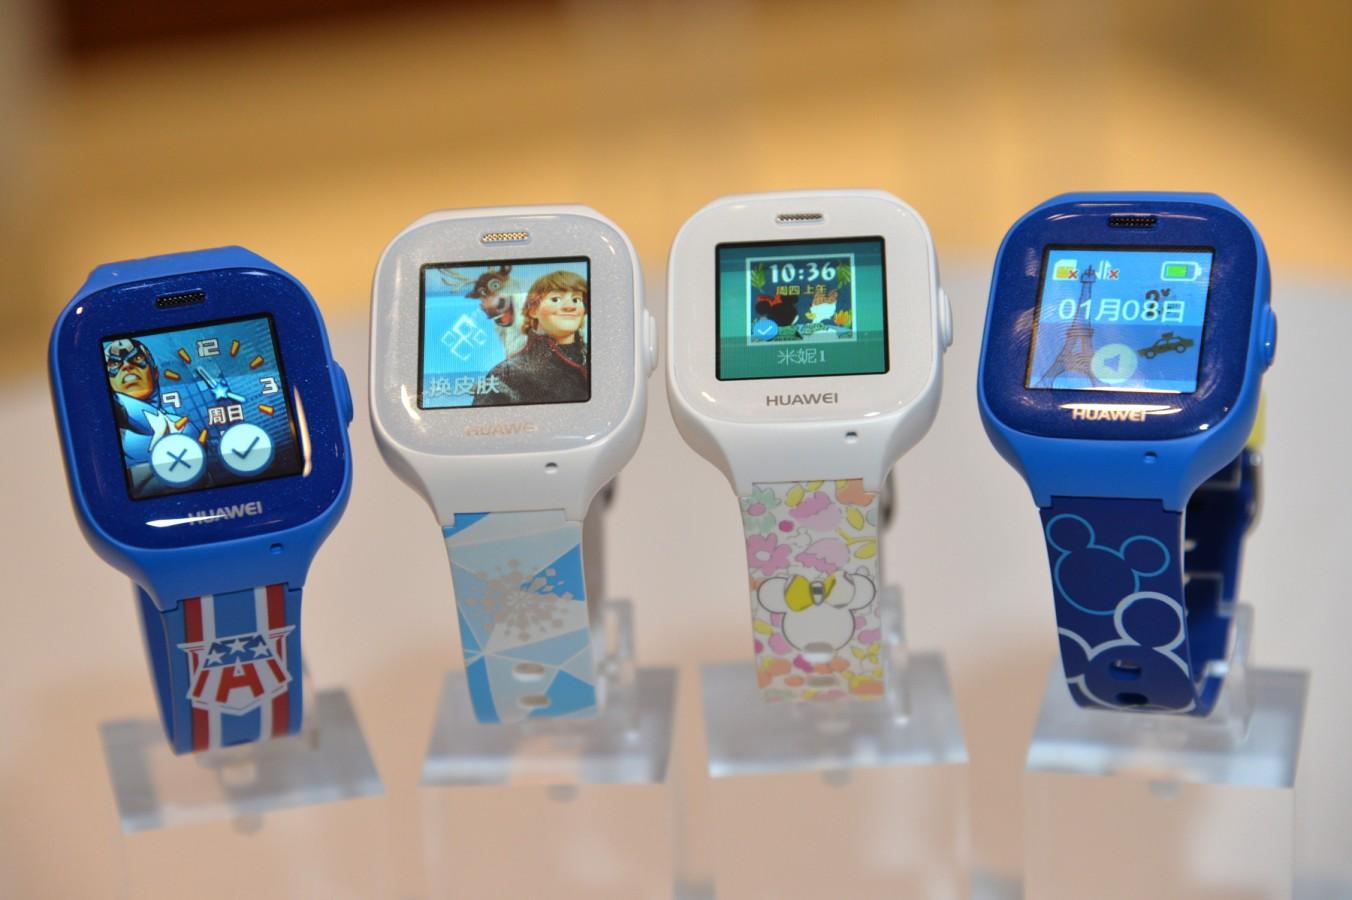 儿童手表 迪士尼_华为也来抢食儿童手表的蛋糕,选择迪斯尼和漫威合作 - 动点科技